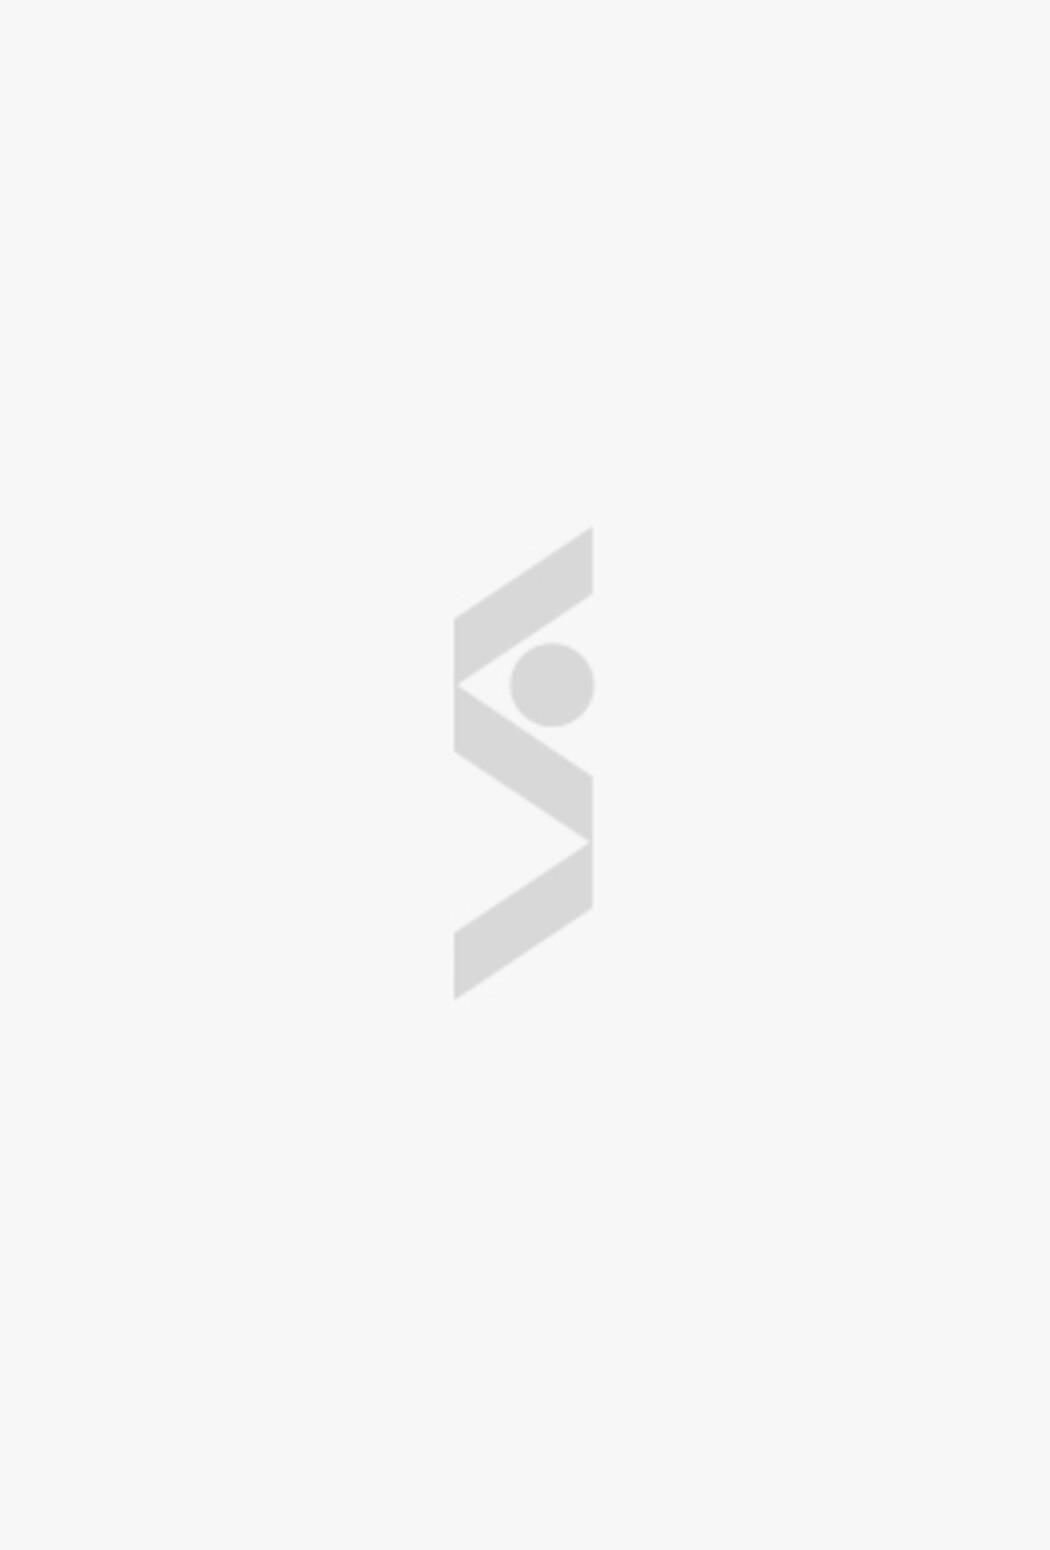 Кружка из фарфора с принтом Churchill - скоро в продаже в интернет-магазине СТОКМАНН в Москве BAFC85AF-910D-4DEB-A33F-6FEB126D97E3